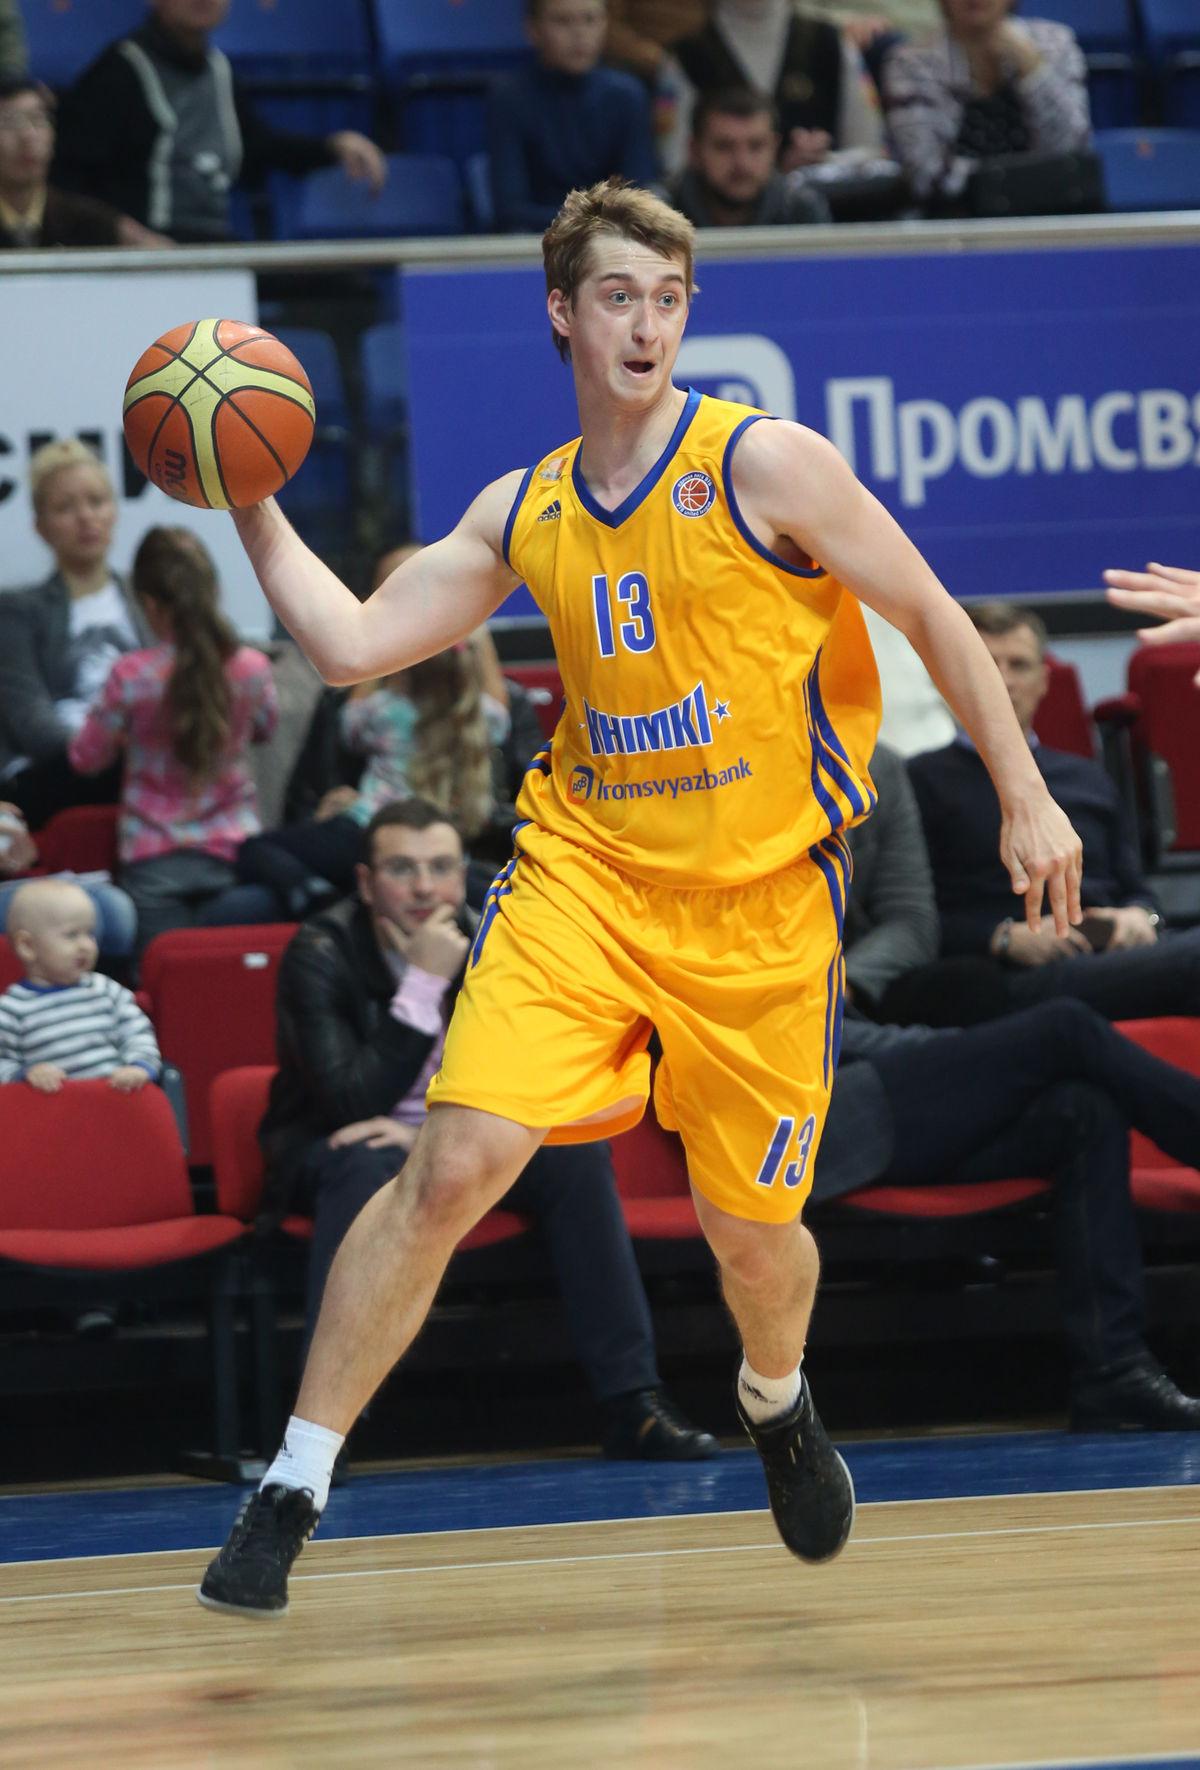 Dmitry Khvostov Basketball Wikipedia